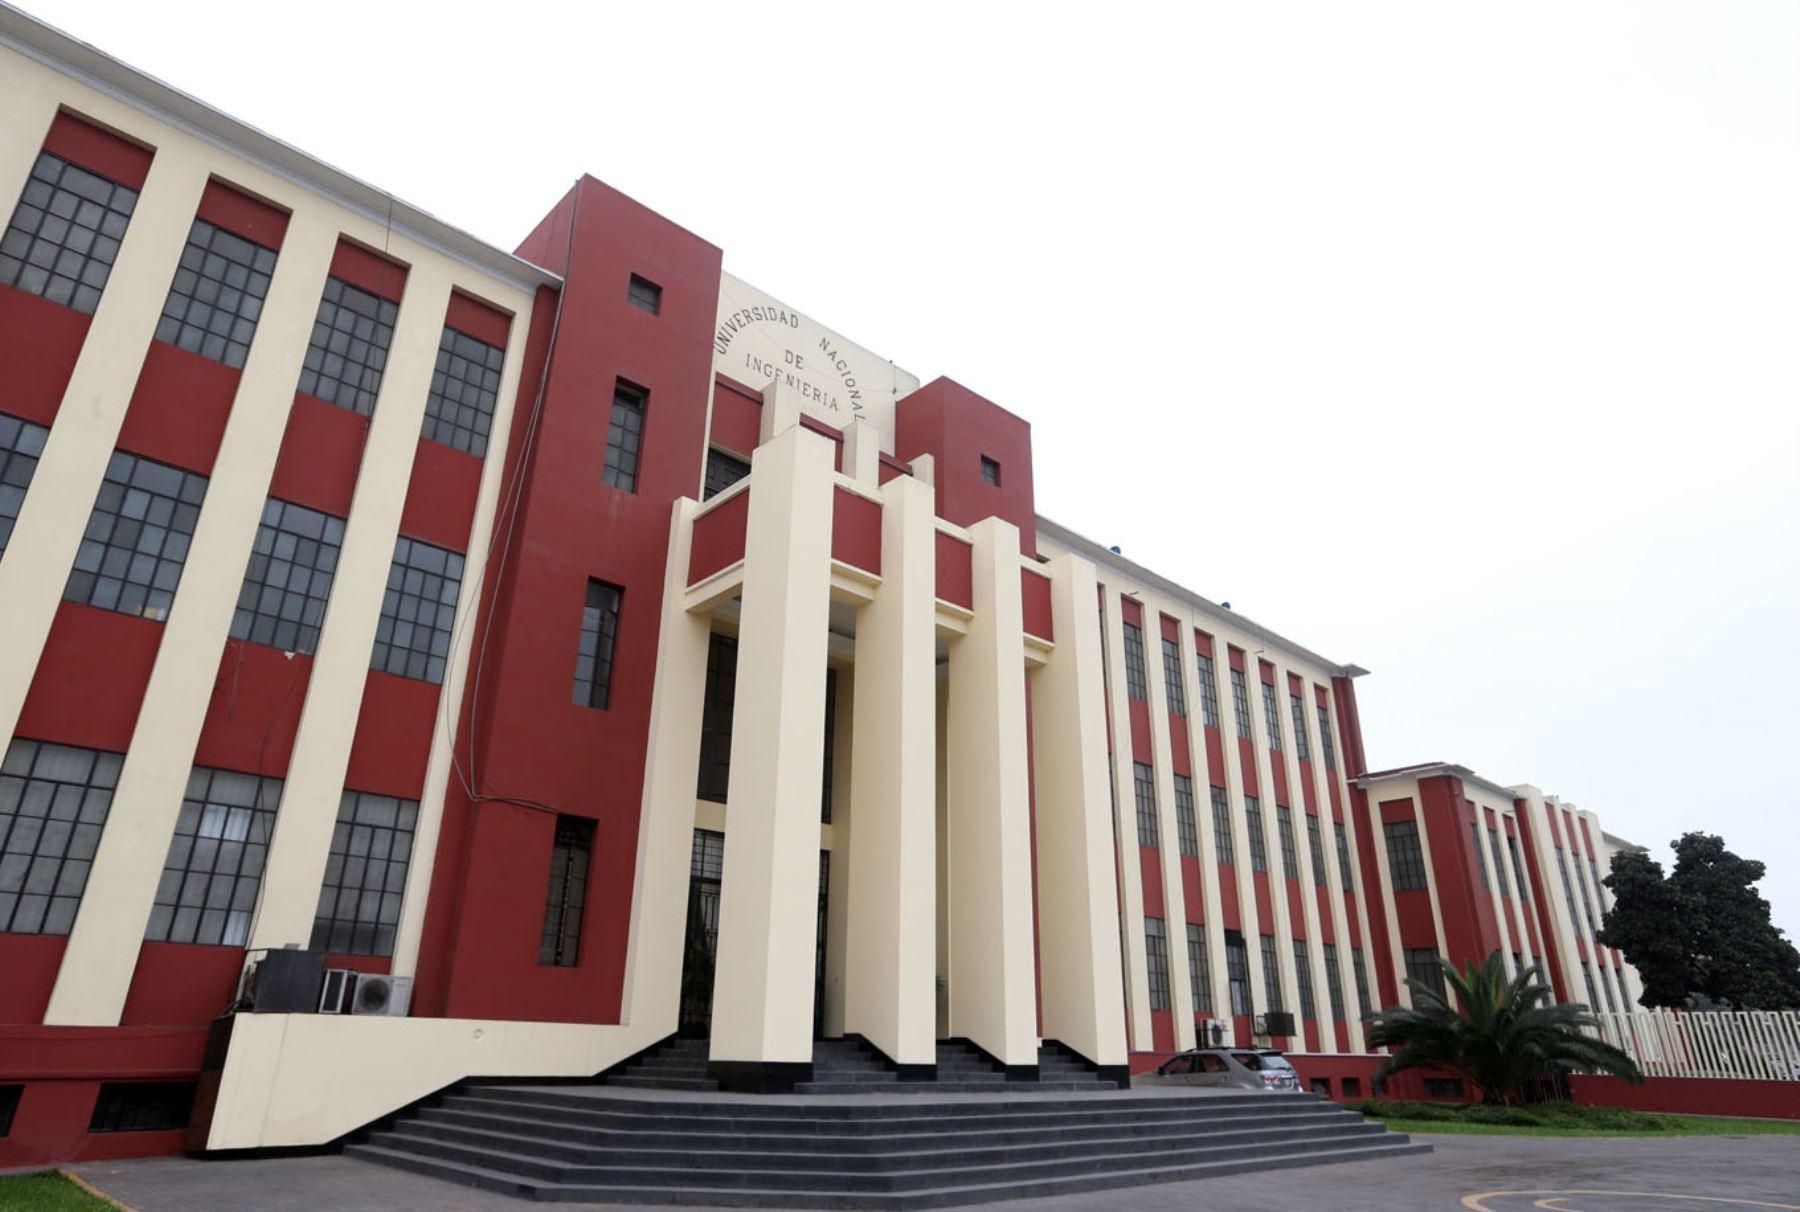 Las publicaciones científicas de la UNI ocupan el segundo lugar en el QS Ranking 2020 de universidades del Perú.